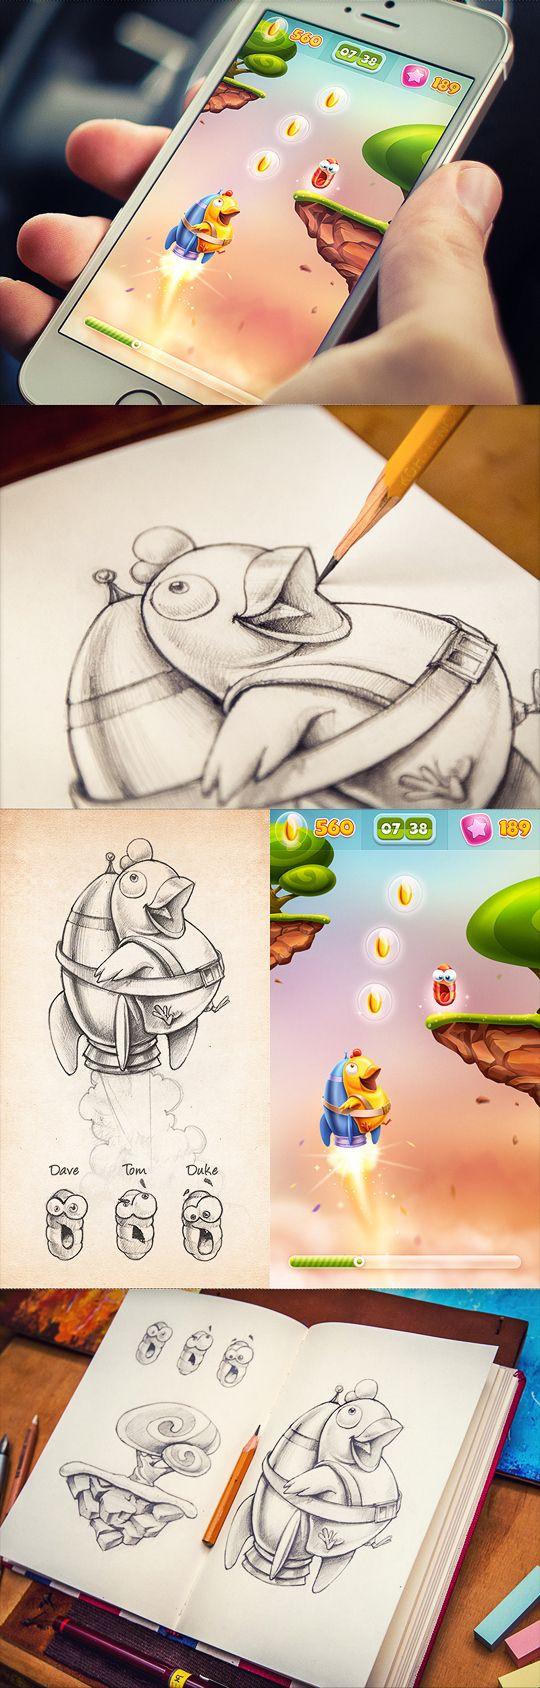 手繪細緻的icon作品欣賞 | ㄇㄞˋ點子靈感創意誌